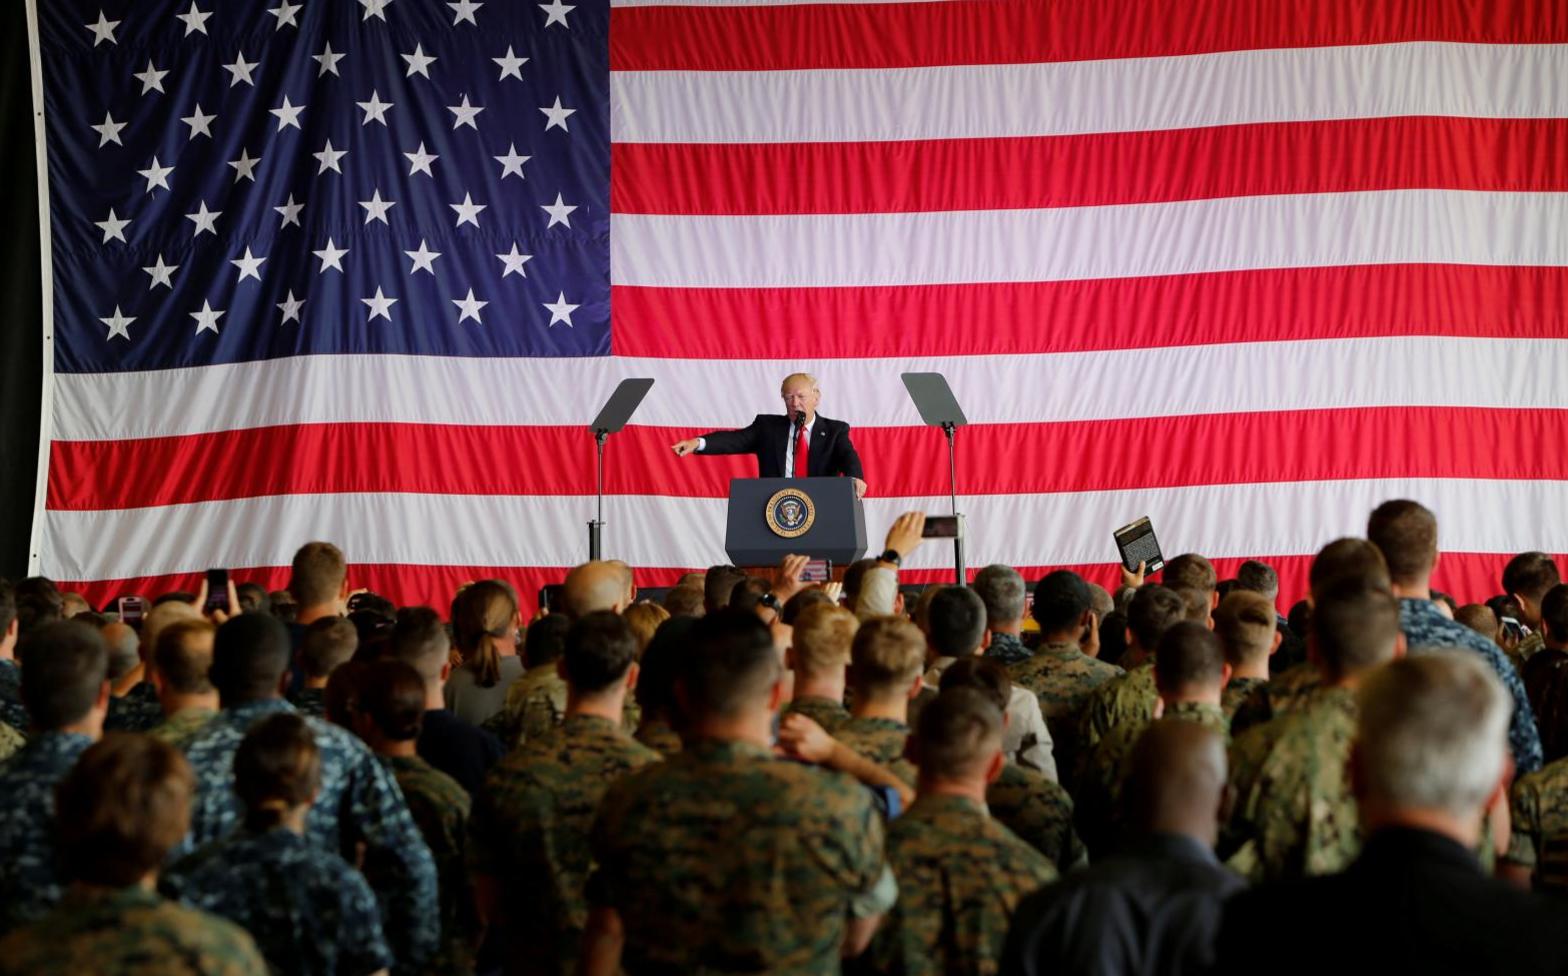 Tổng thống Trump: người chuyển giới không được phục vụ trong quân đội